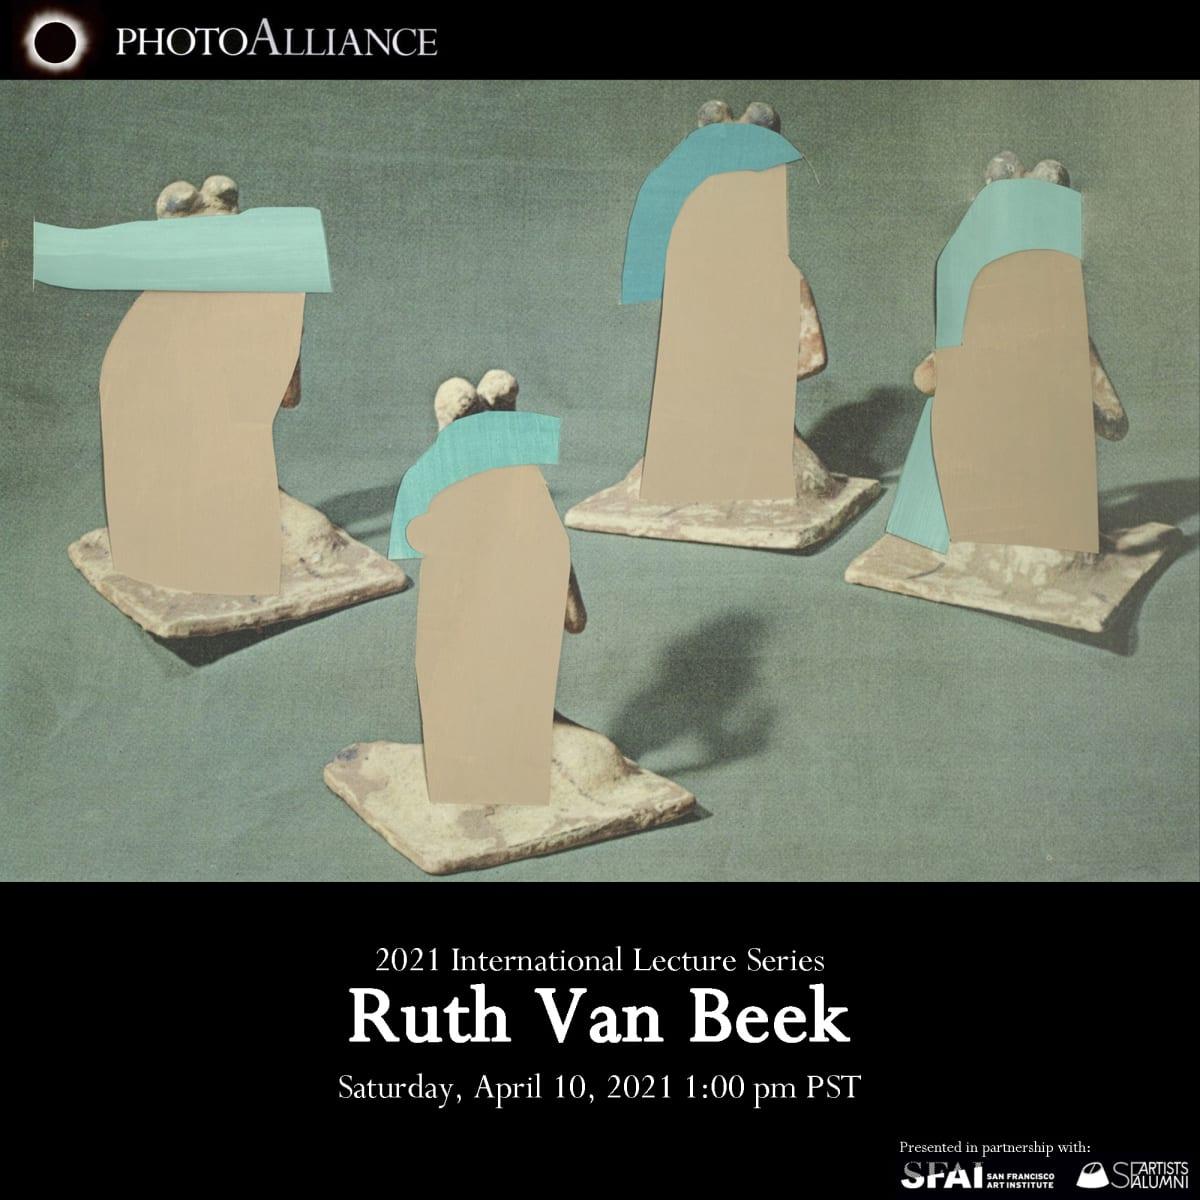 Ruth van Beek - PhotoAlliance